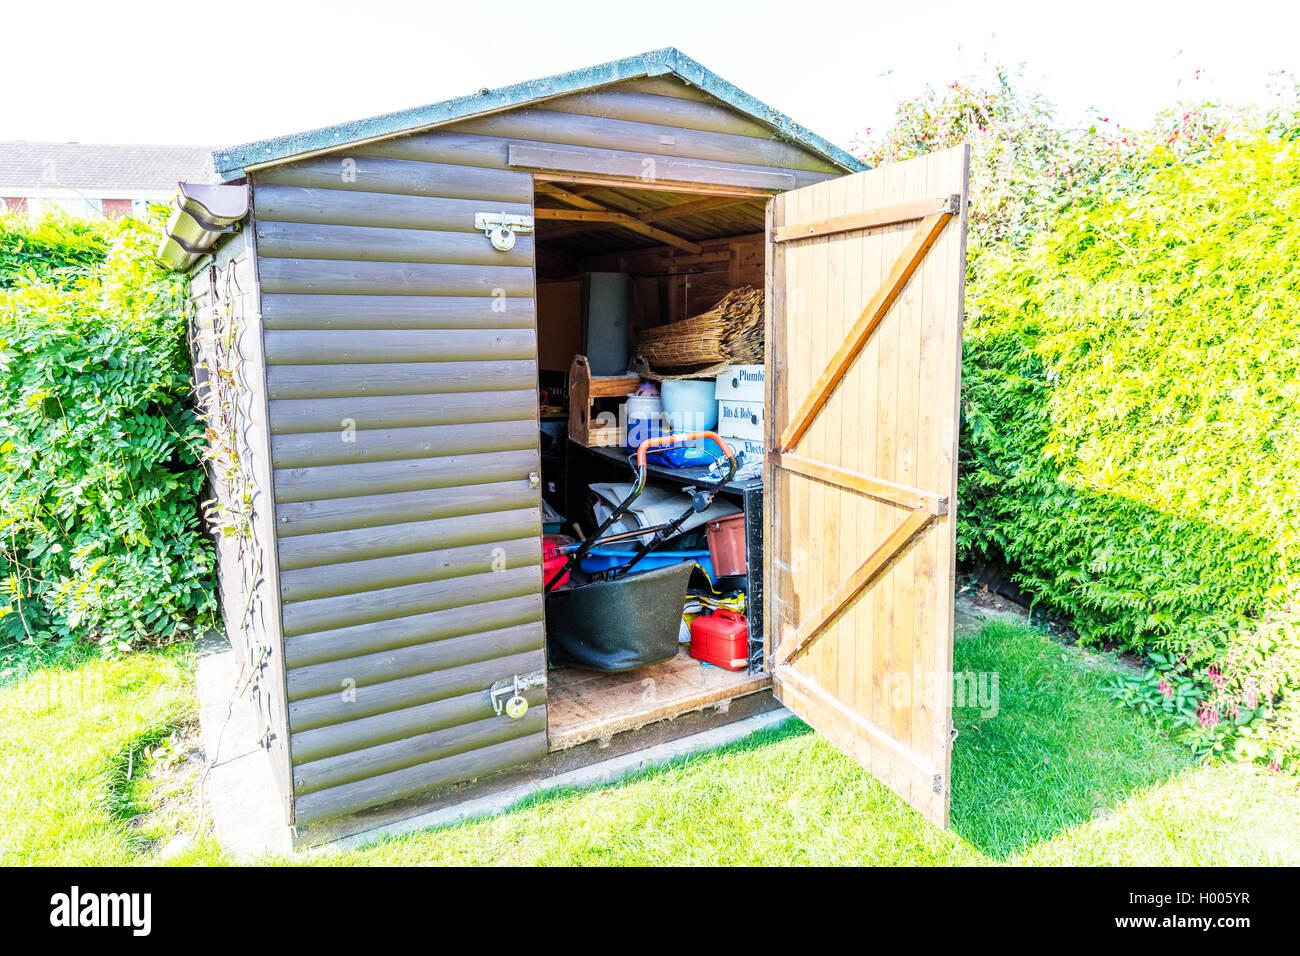 Cobertizo de jard n puertas abiertas de almacenamiento - Cobertizo de jardin ...